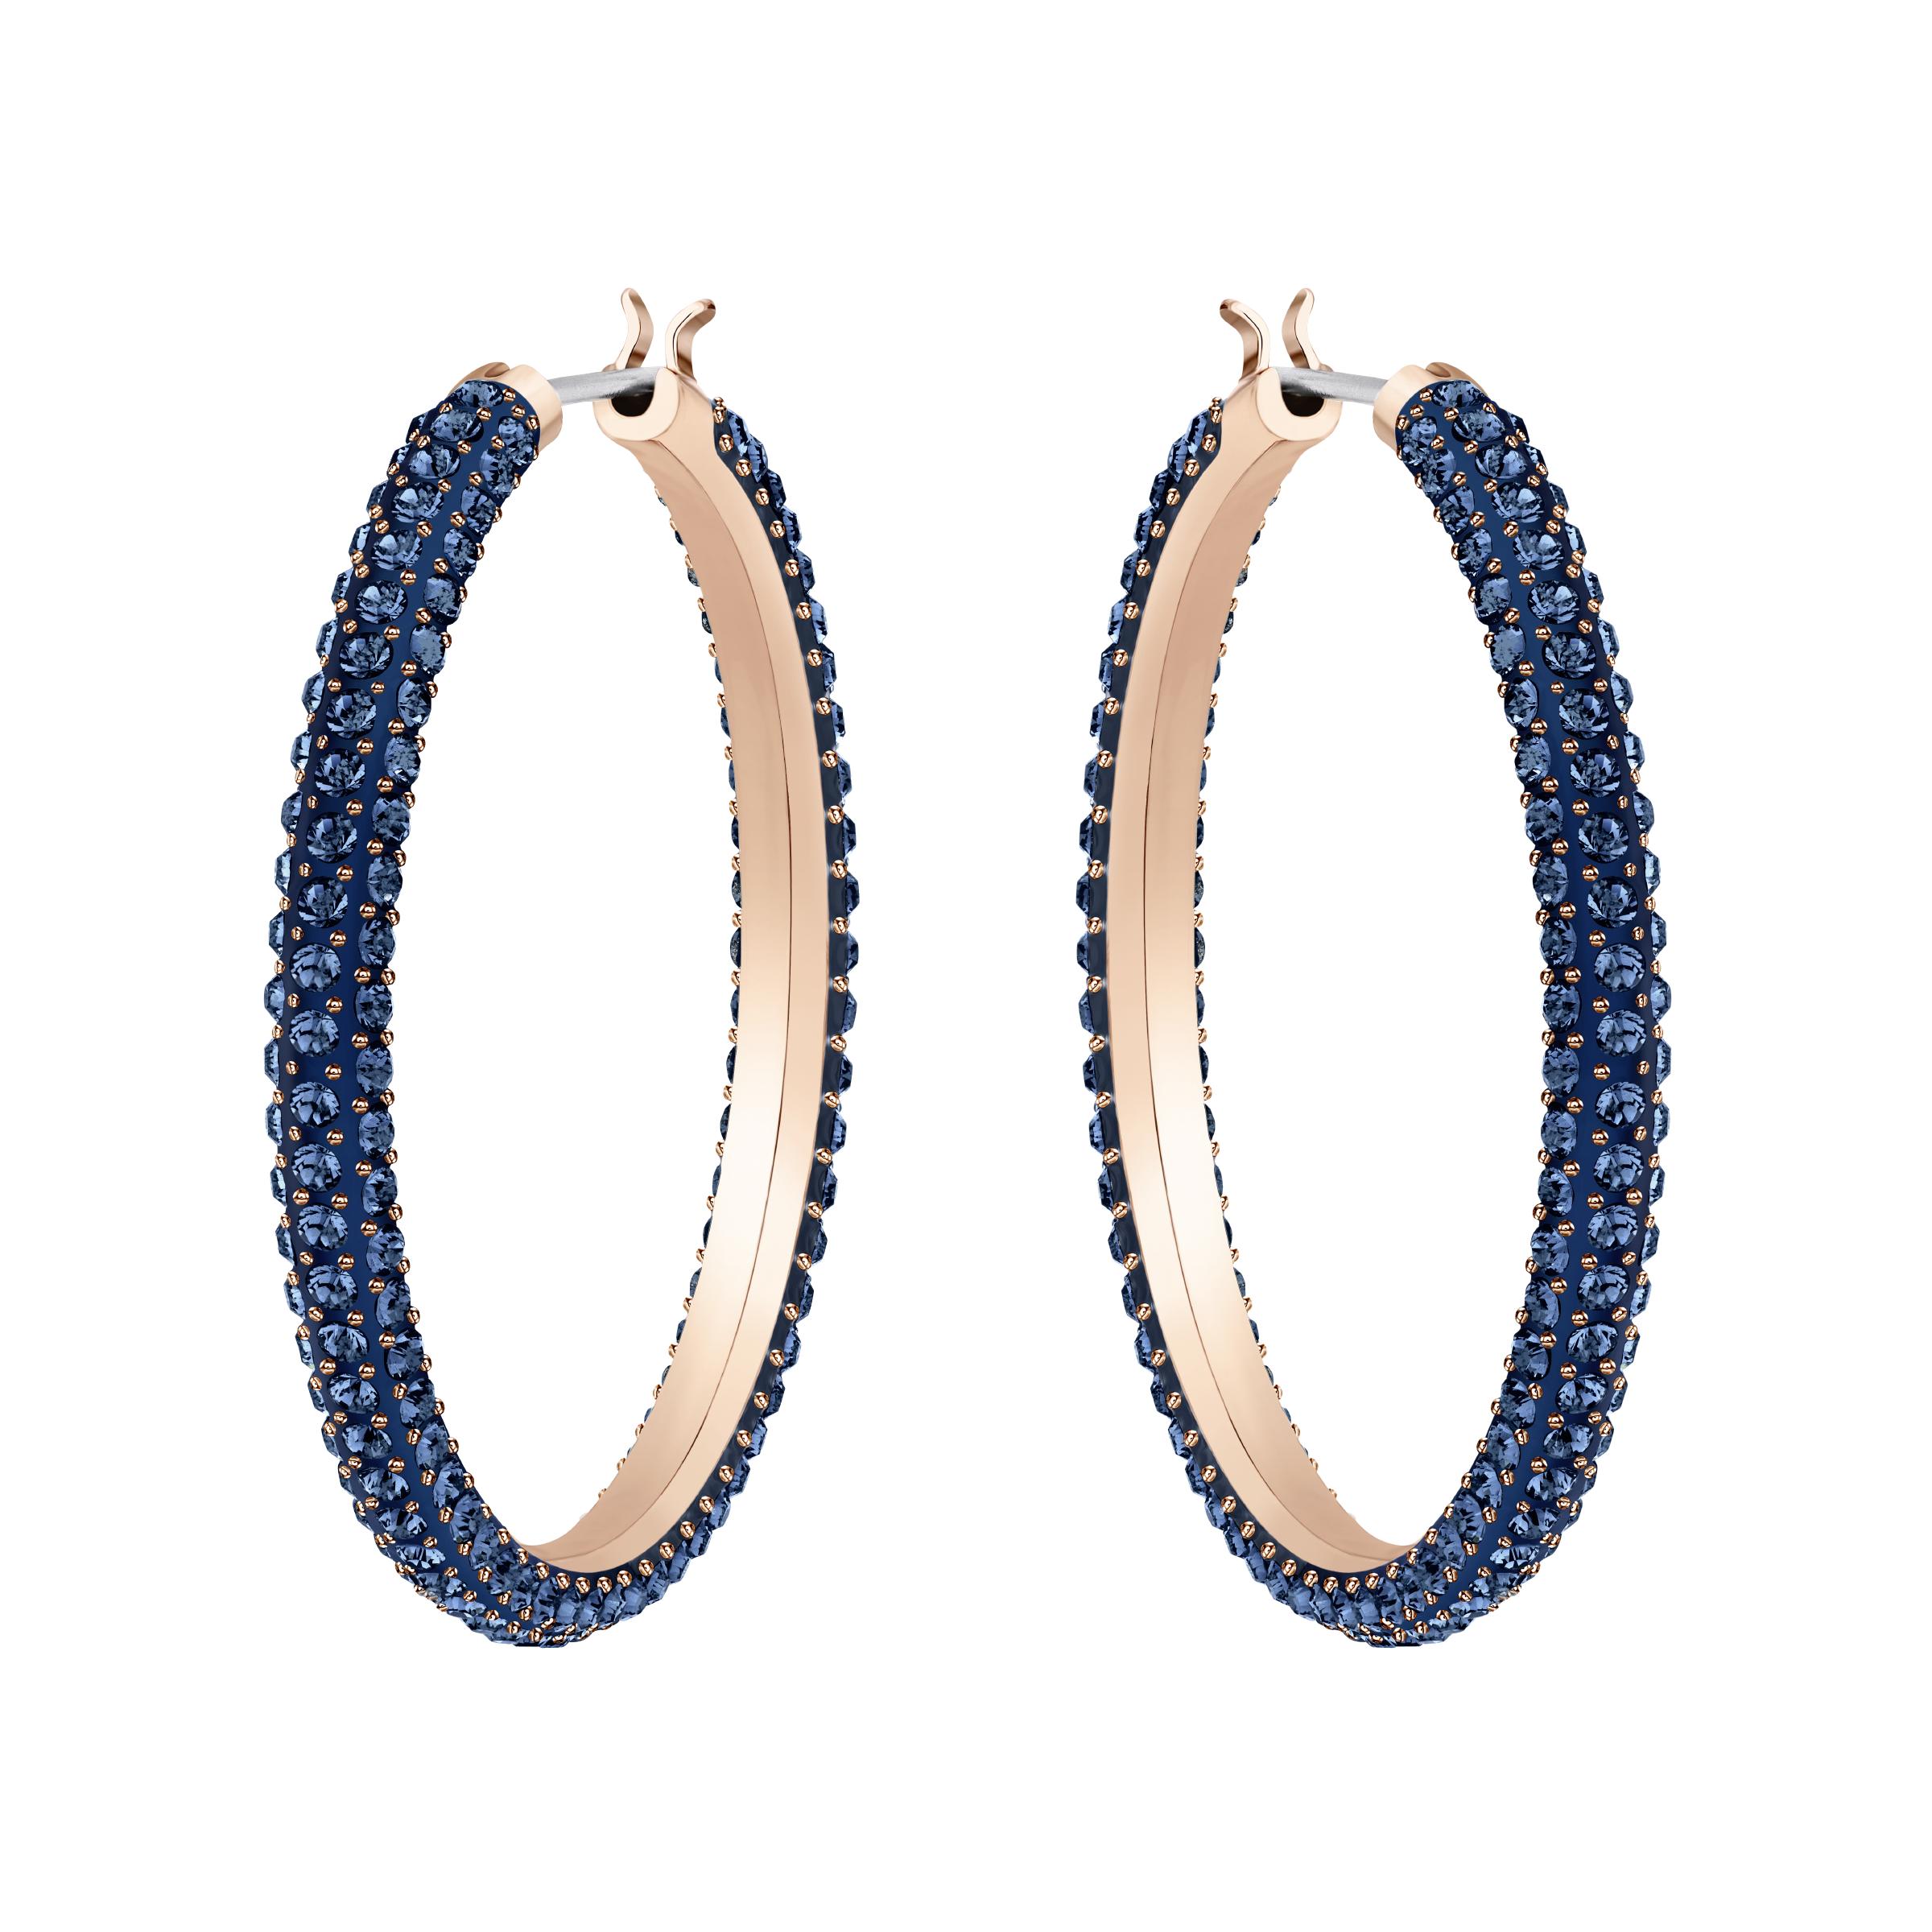 Stone Hoop Pierced Earrings, Blue, Rose Gold Plating